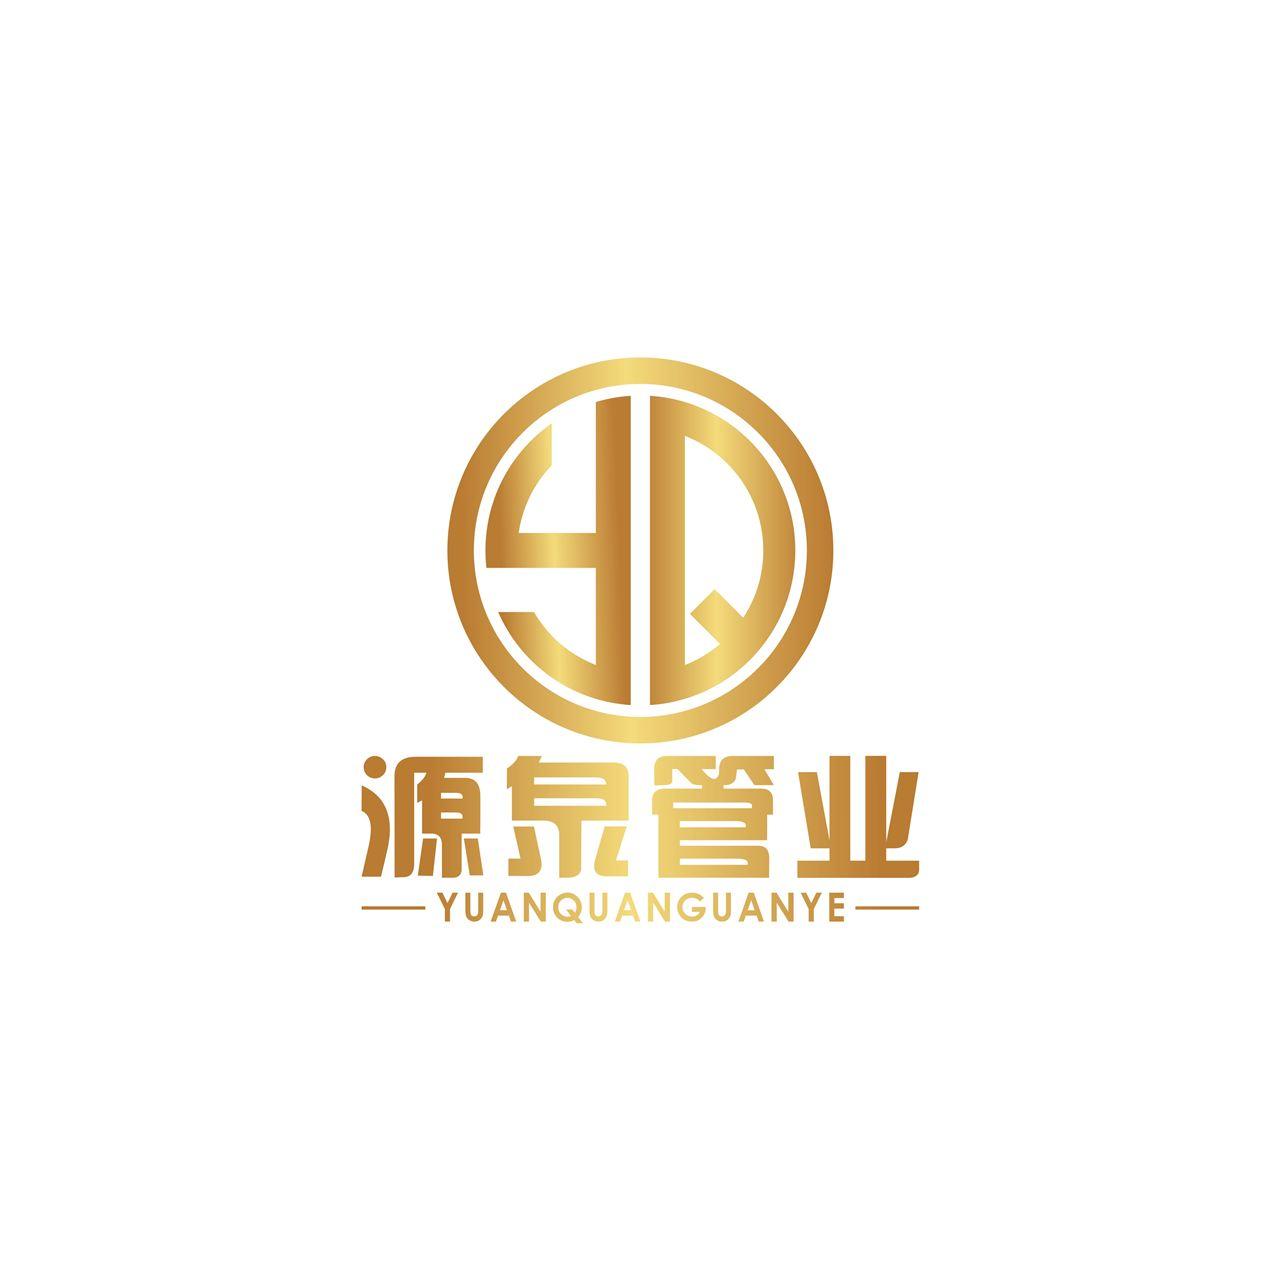 沧州源泉管业有限公司